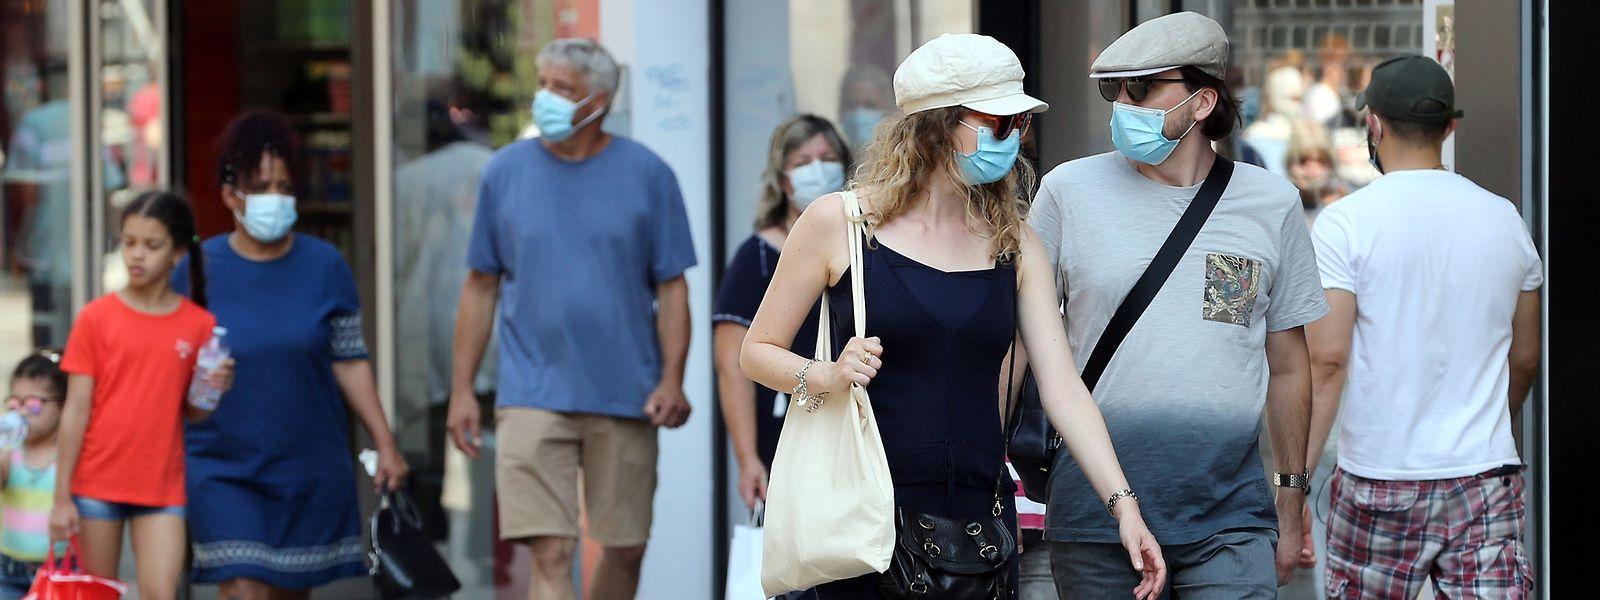 Le port du masque ne sera plus obligatoire dans les rues de Bruxelles à partir du 1er octobre. Mais il est «fortement recommandé» par les autorités belges.